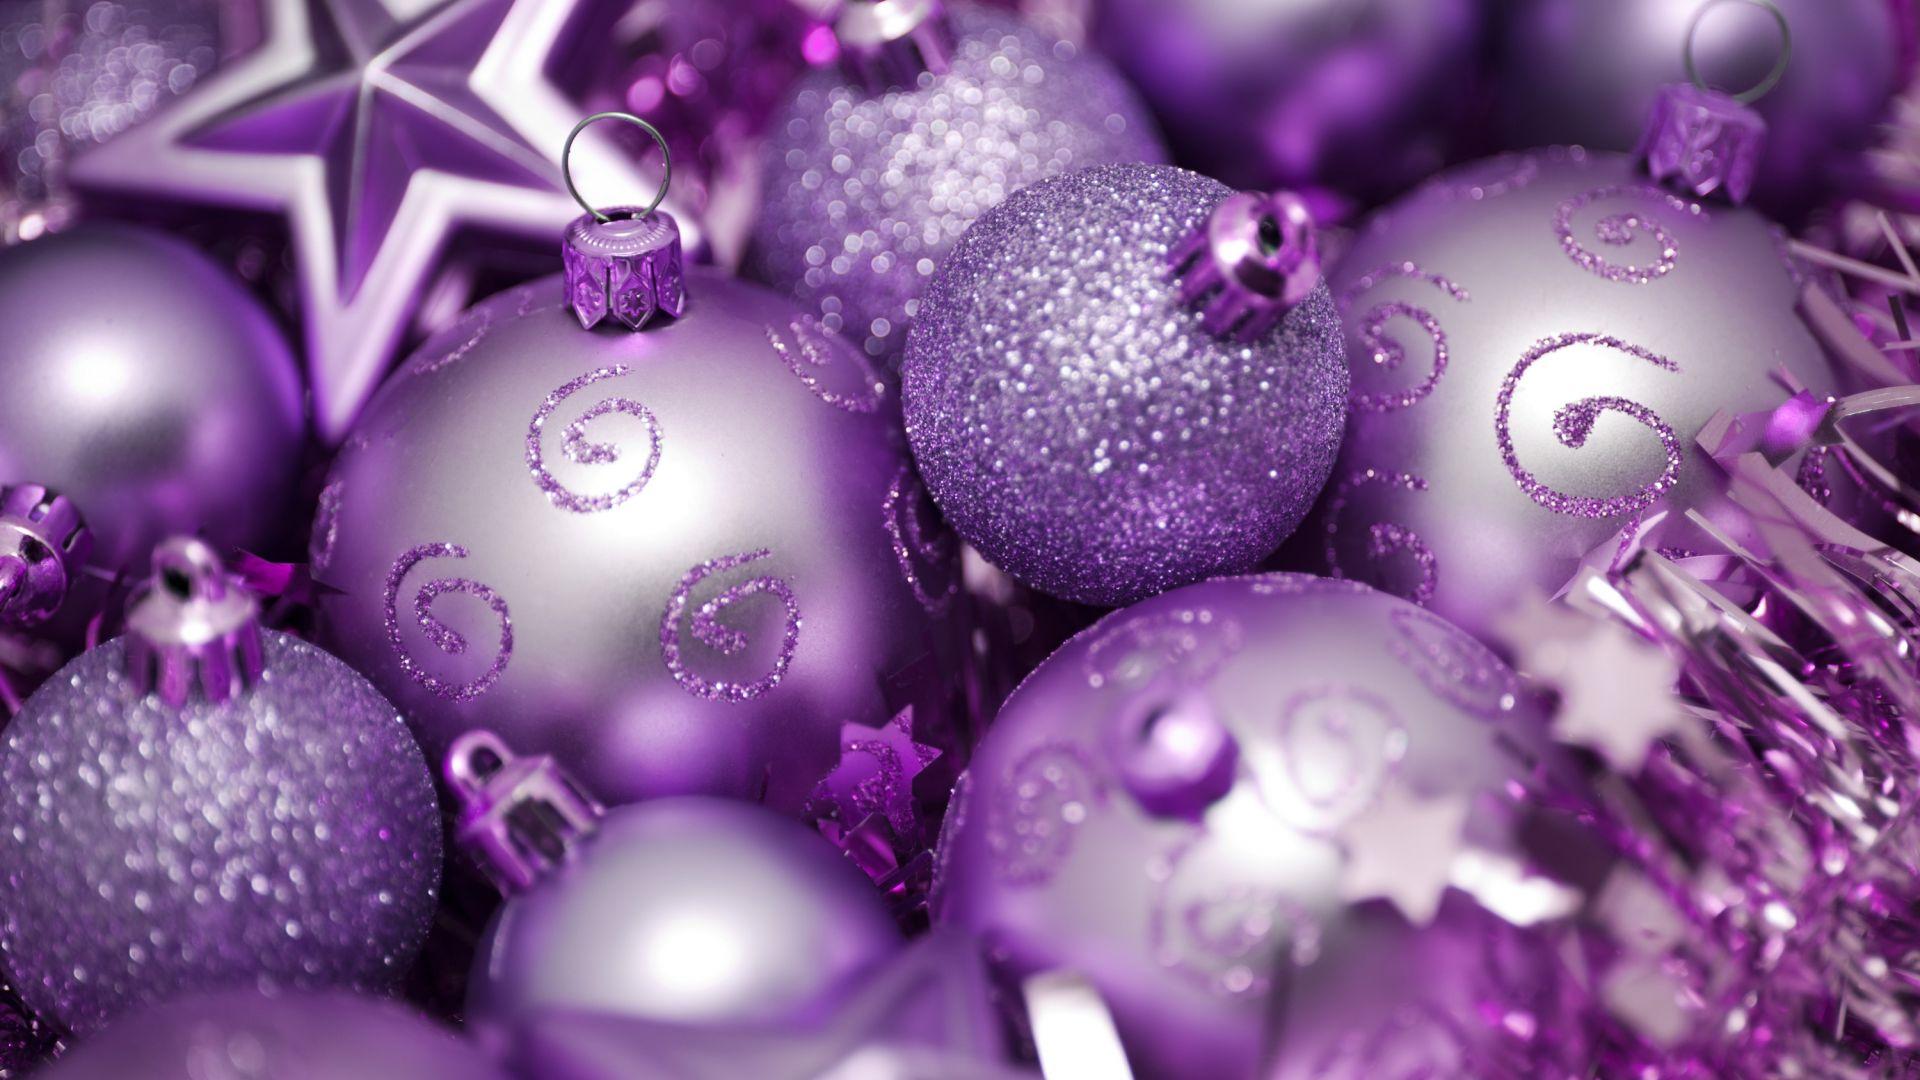 оно стильная картинка с новым годом фиолетовая и серая вот эта